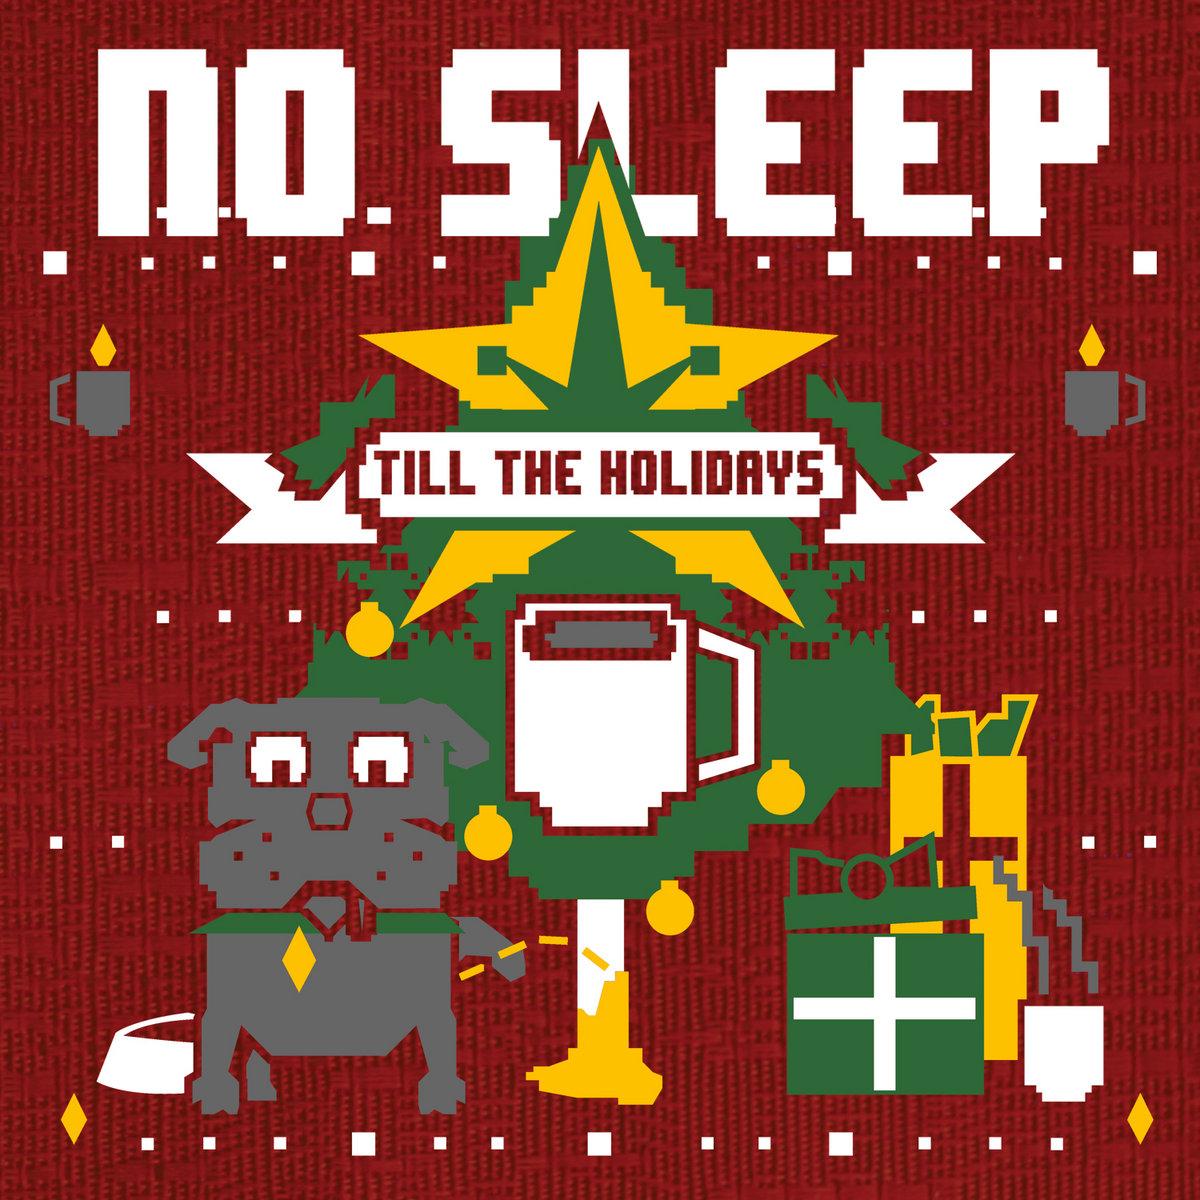 state faults mookies last christmas - Mookies Last Christmas